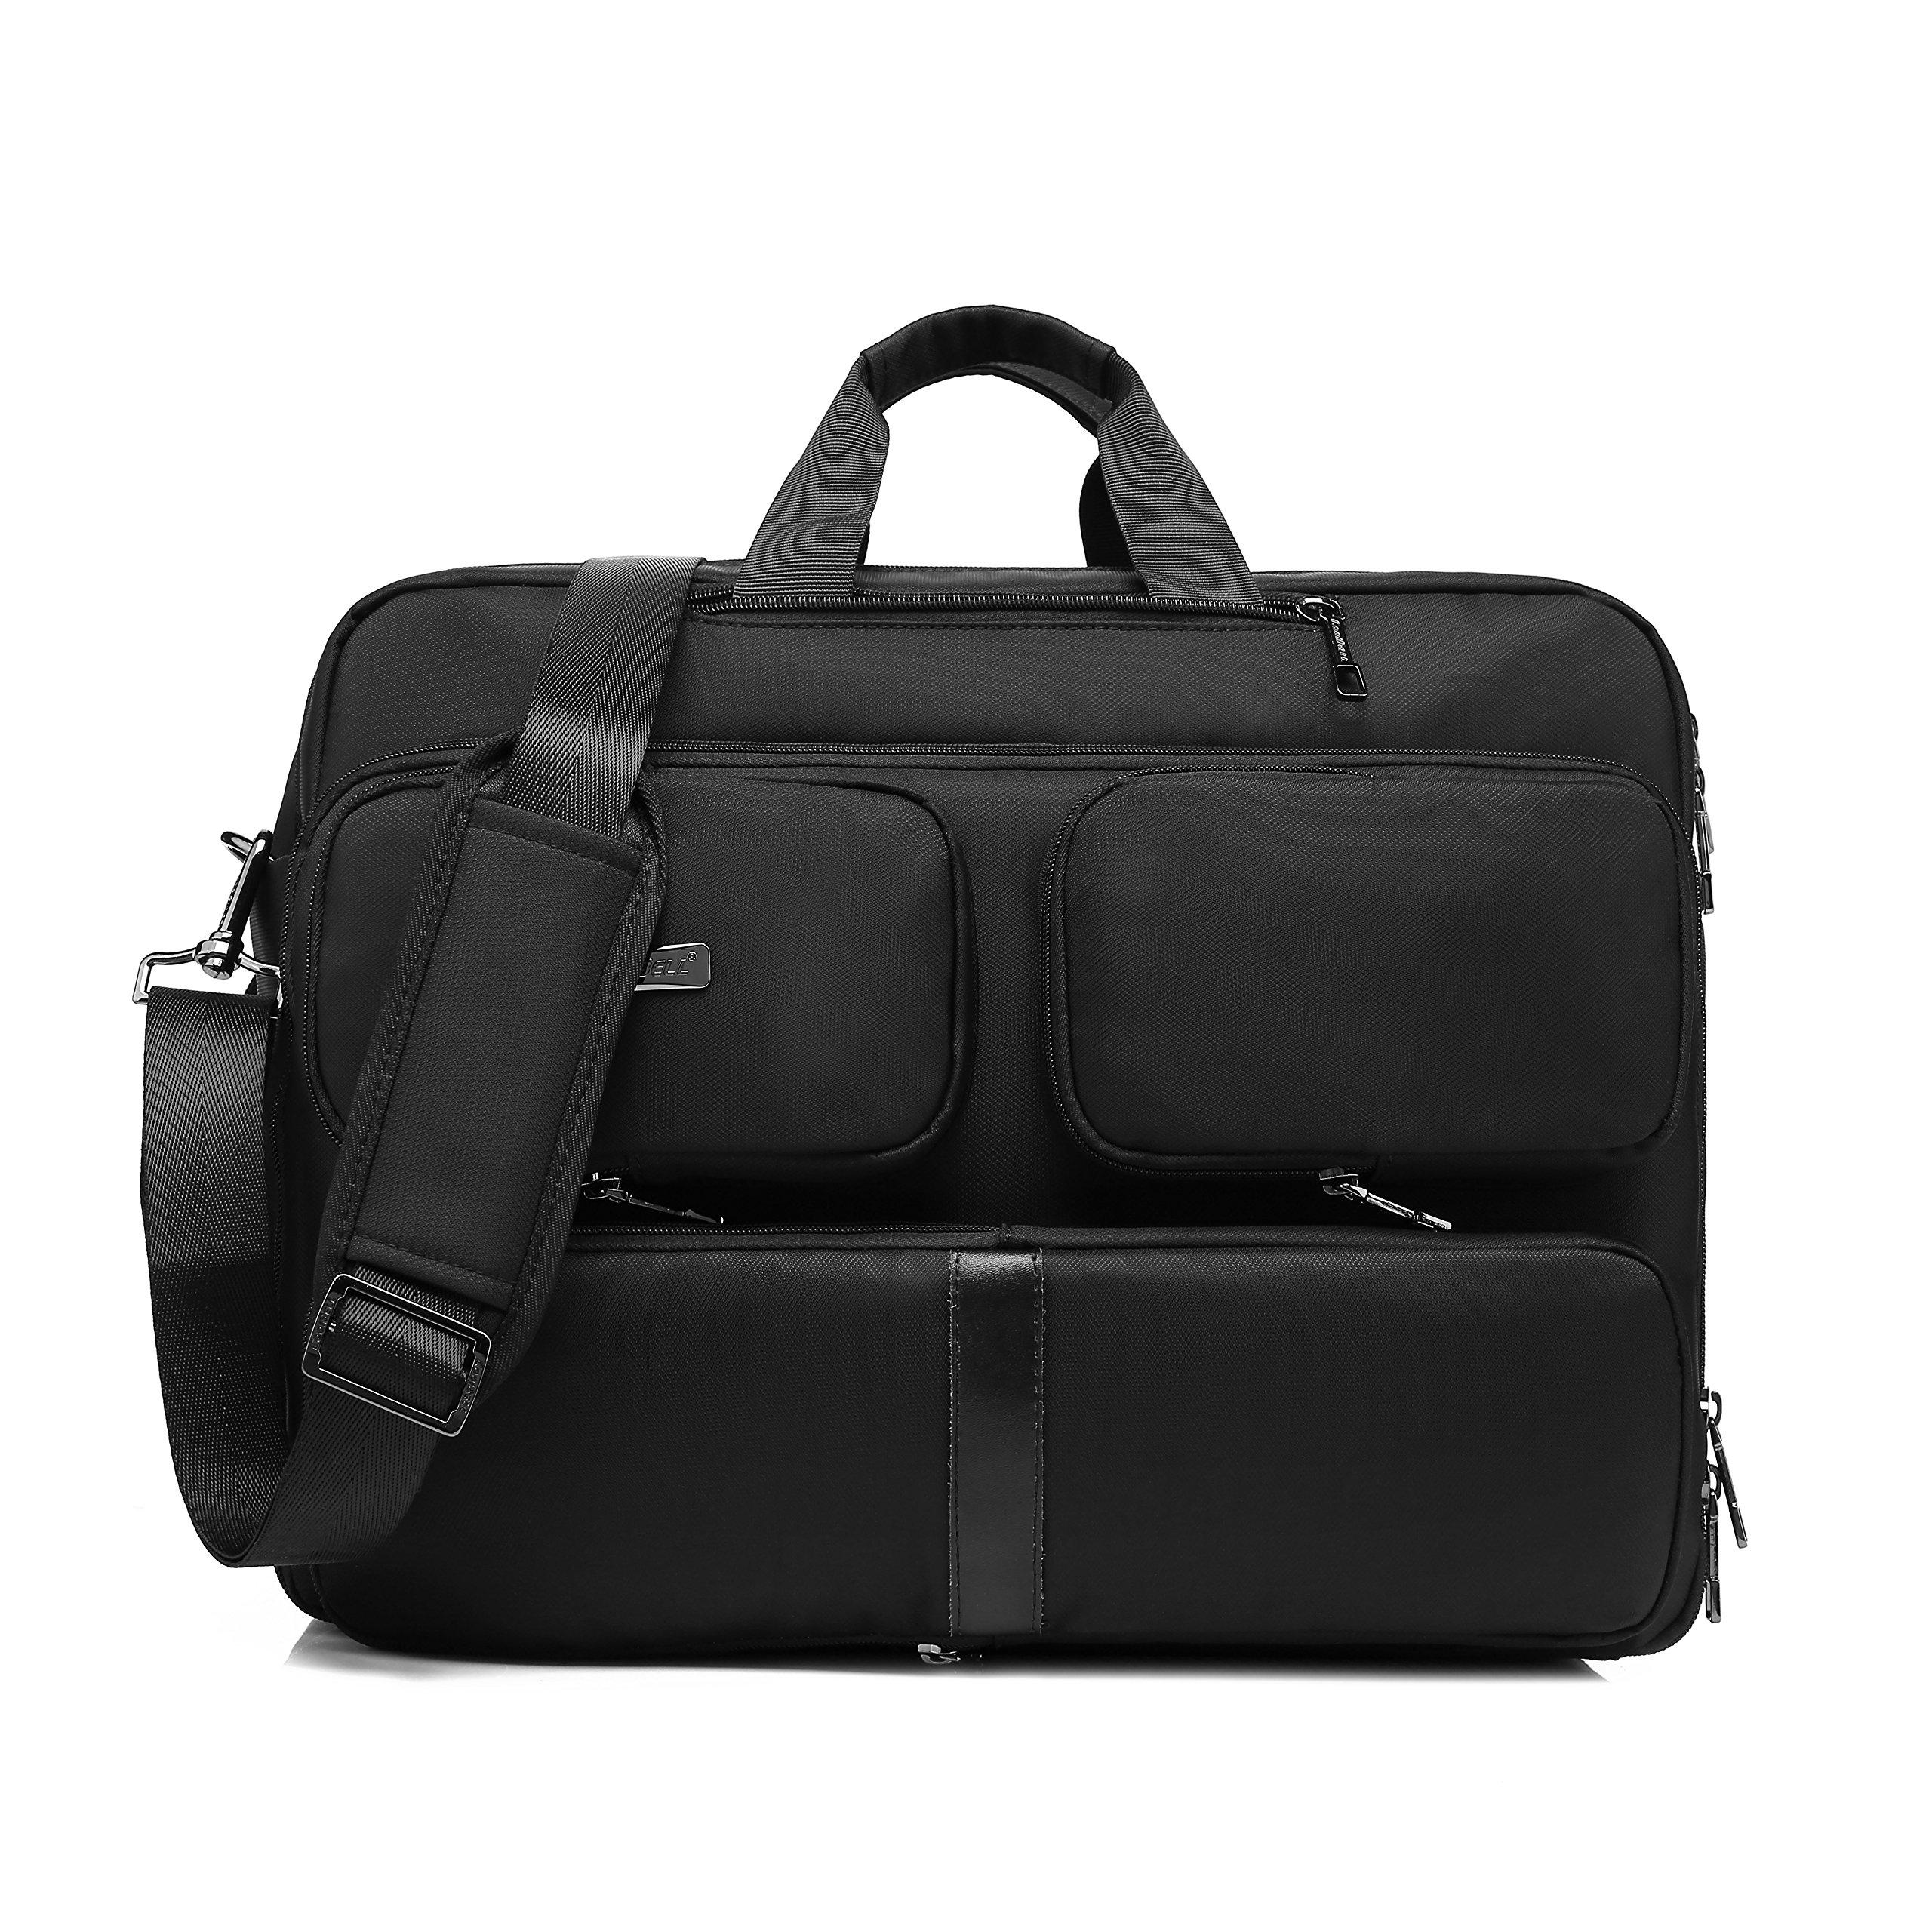 DTBG Laptop Bag Convertible Backpack Messenger Bag Nylon Shoulder Bag Men Women Business Briefcase Travel Rucksack with Side Handbag and Shoulder Strap Fits 17.3 Inches Laptop and Notebook (Black) by DTBG (Image #1)